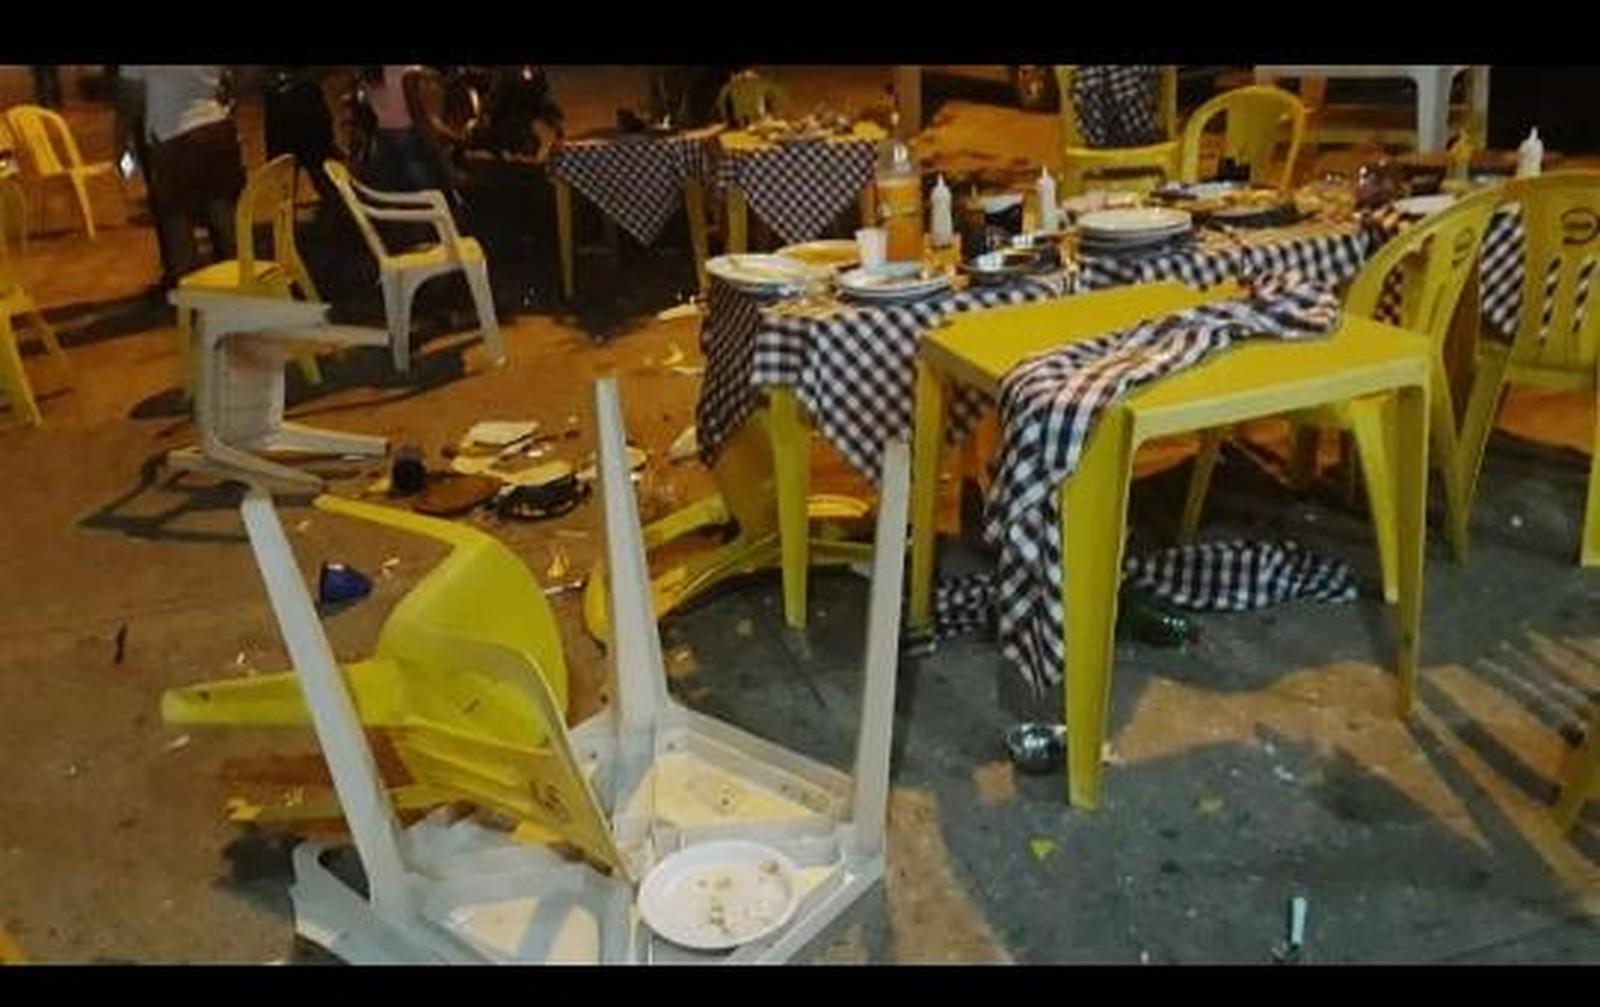 Cadeiras, mesas, pratos, garrafas e copos da pizzaria foram danificados. — Foto: Reprodução